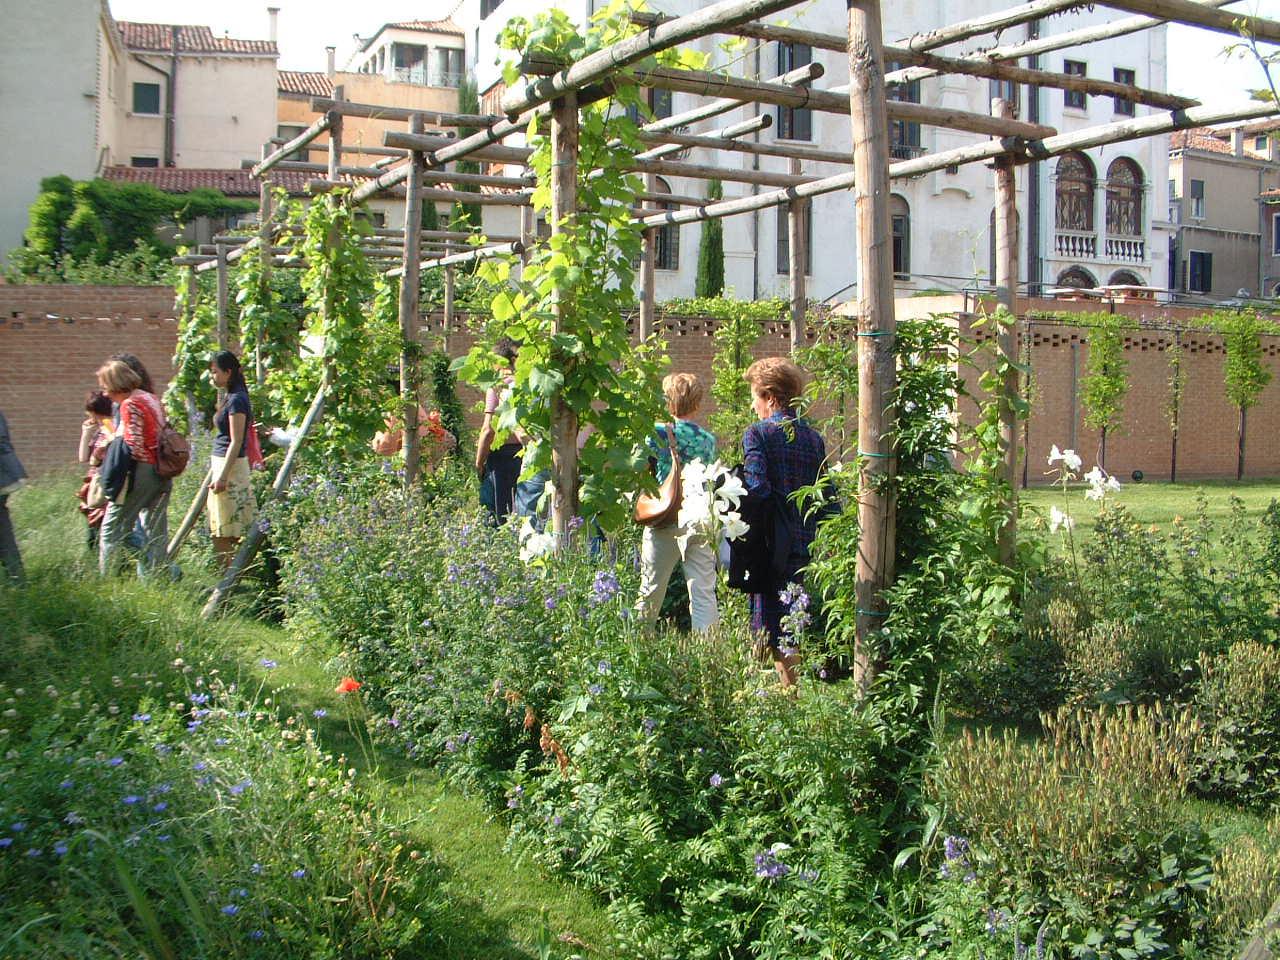 Amici in giardino giardinaggio e dintorni giardinaggio for Piante da stagno